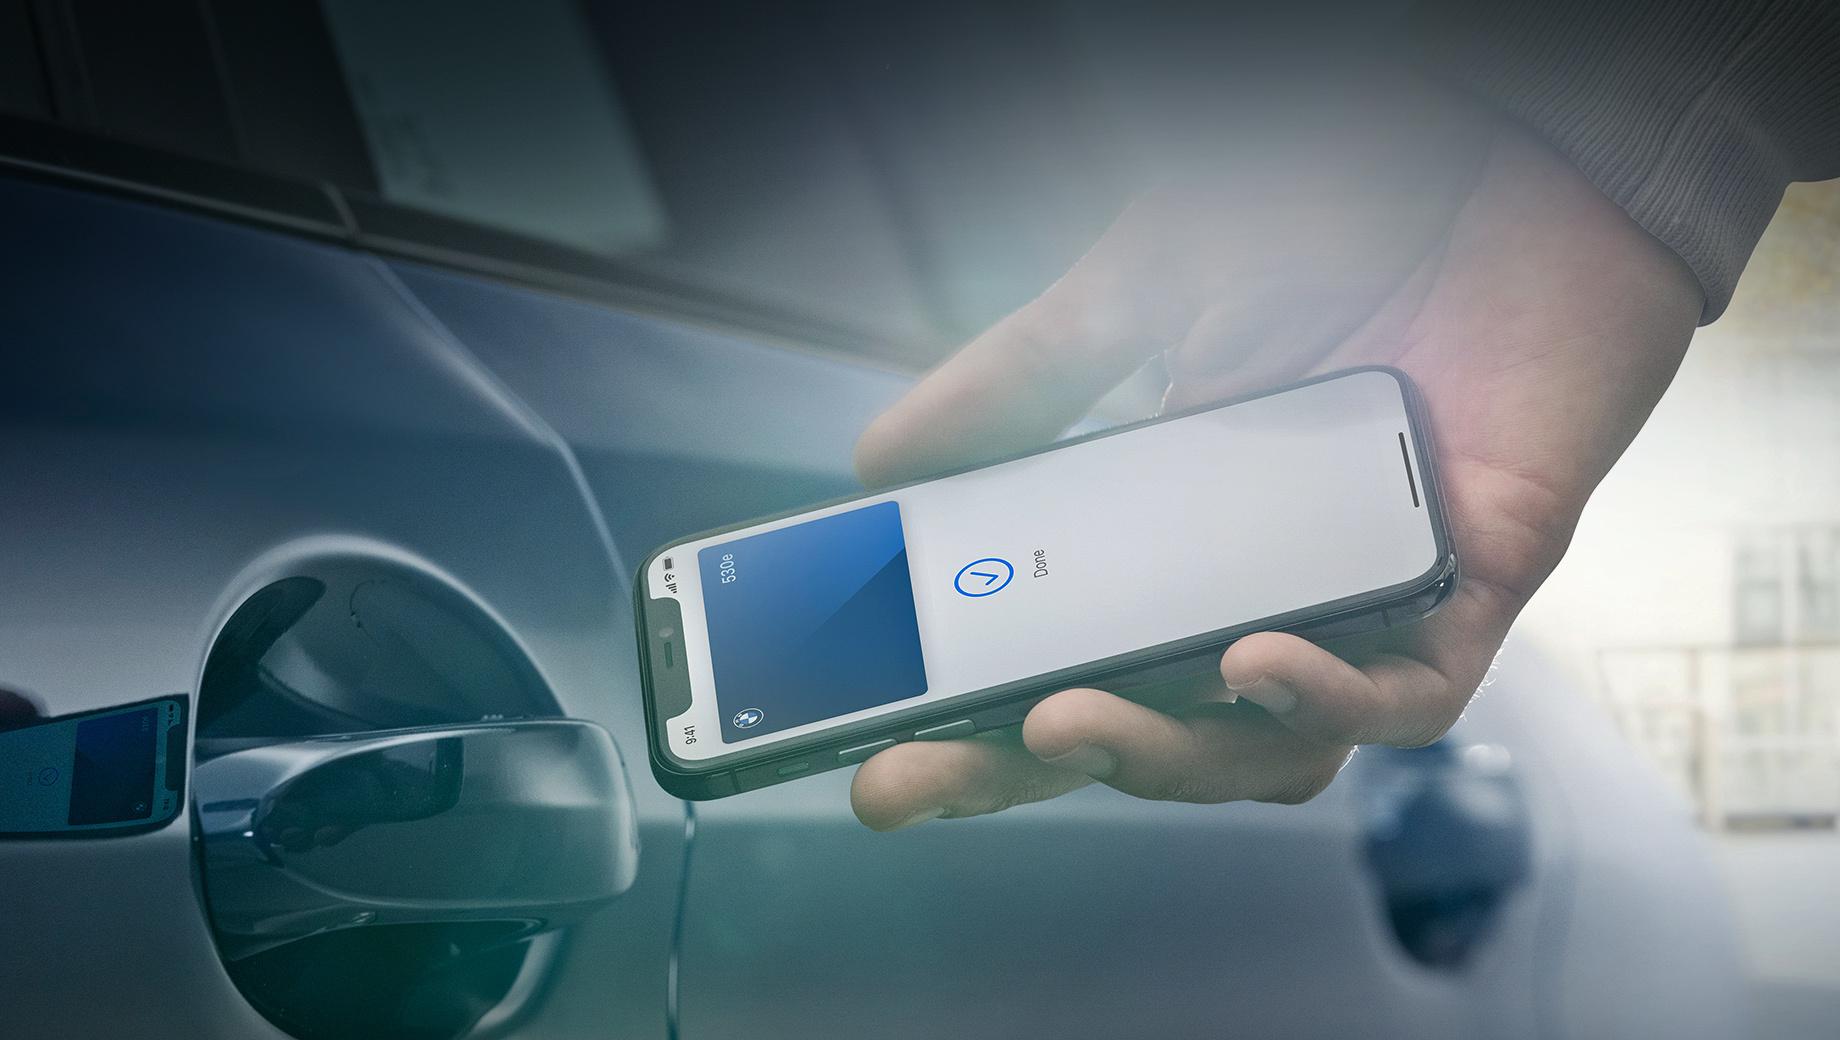 Bmw 5. Объявление об Айфоне-ключе сделано в Купертино на онлайн-конференции WWDC 2020, где Apple показала iOS 14 и отреклась от процессоров Intel в пользу собственной архитектуры ARM. Поскольку BMW одной из первых интегрировала iPod и CarPlay, ей отдано первенство и с ключом.